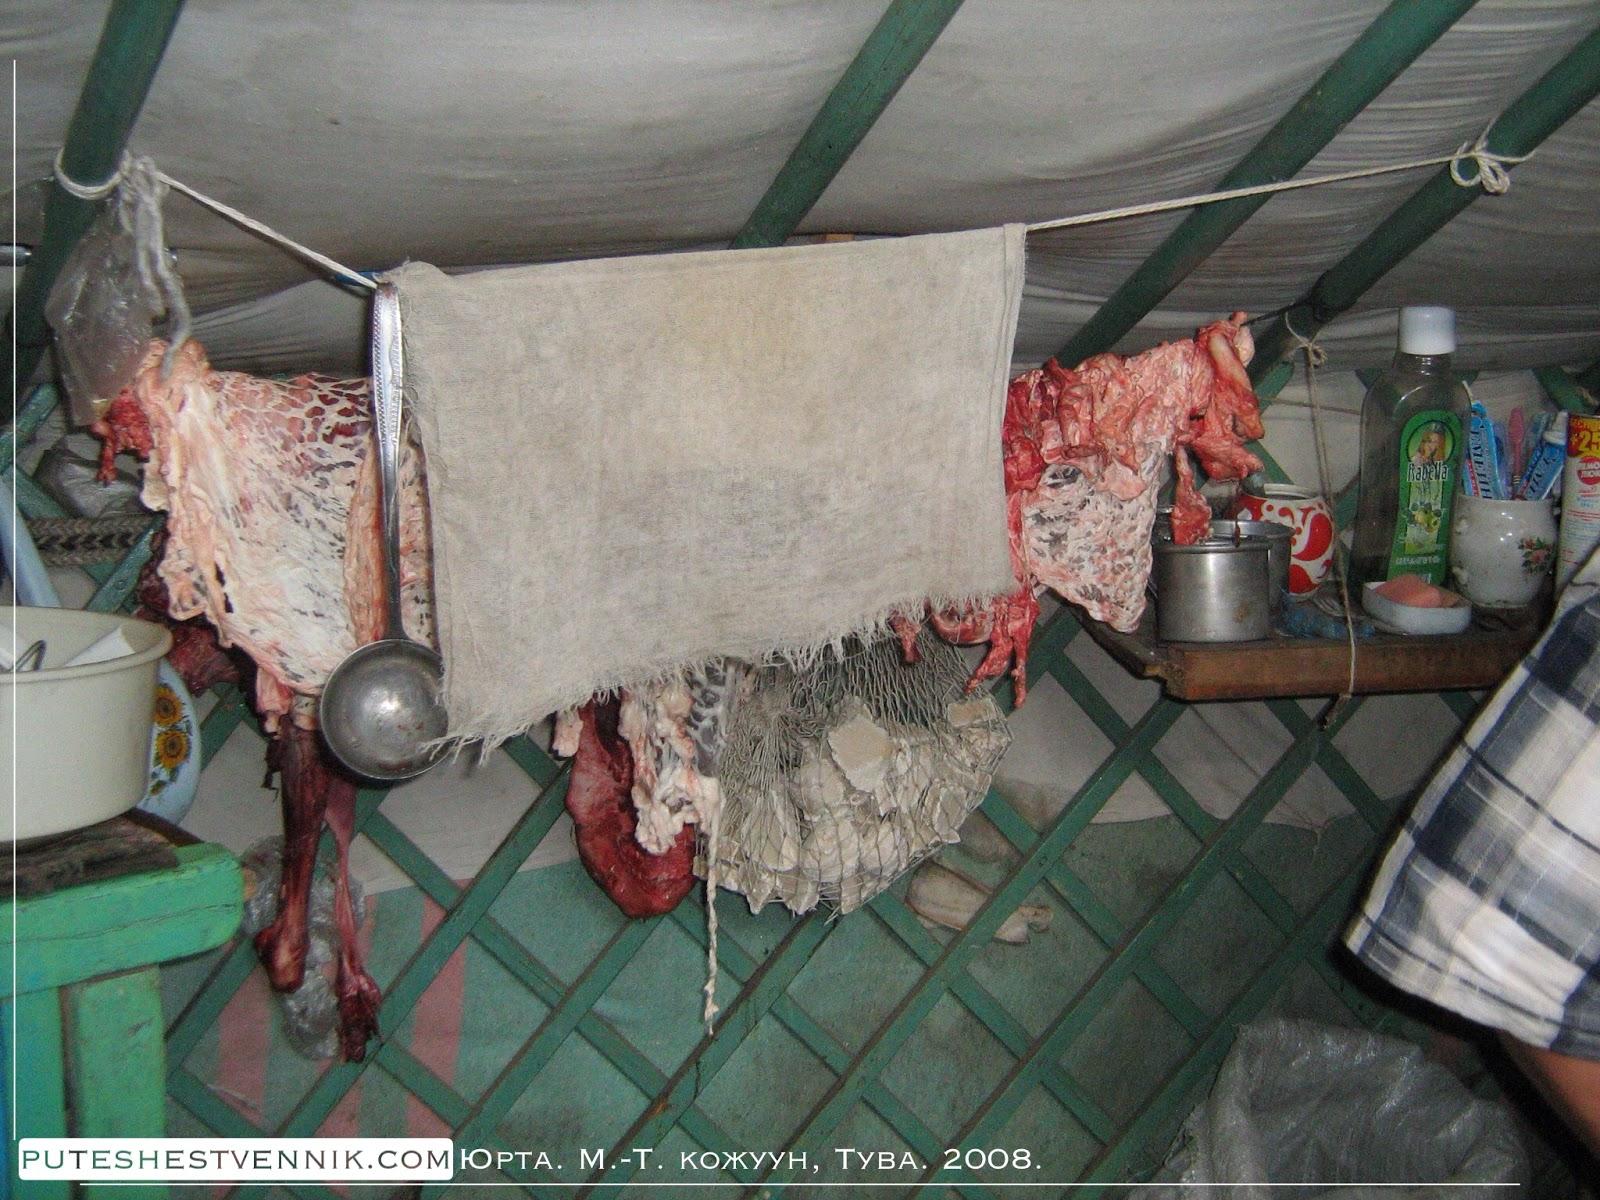 Кухонная утварь и мясные продукты в тувинской юрте